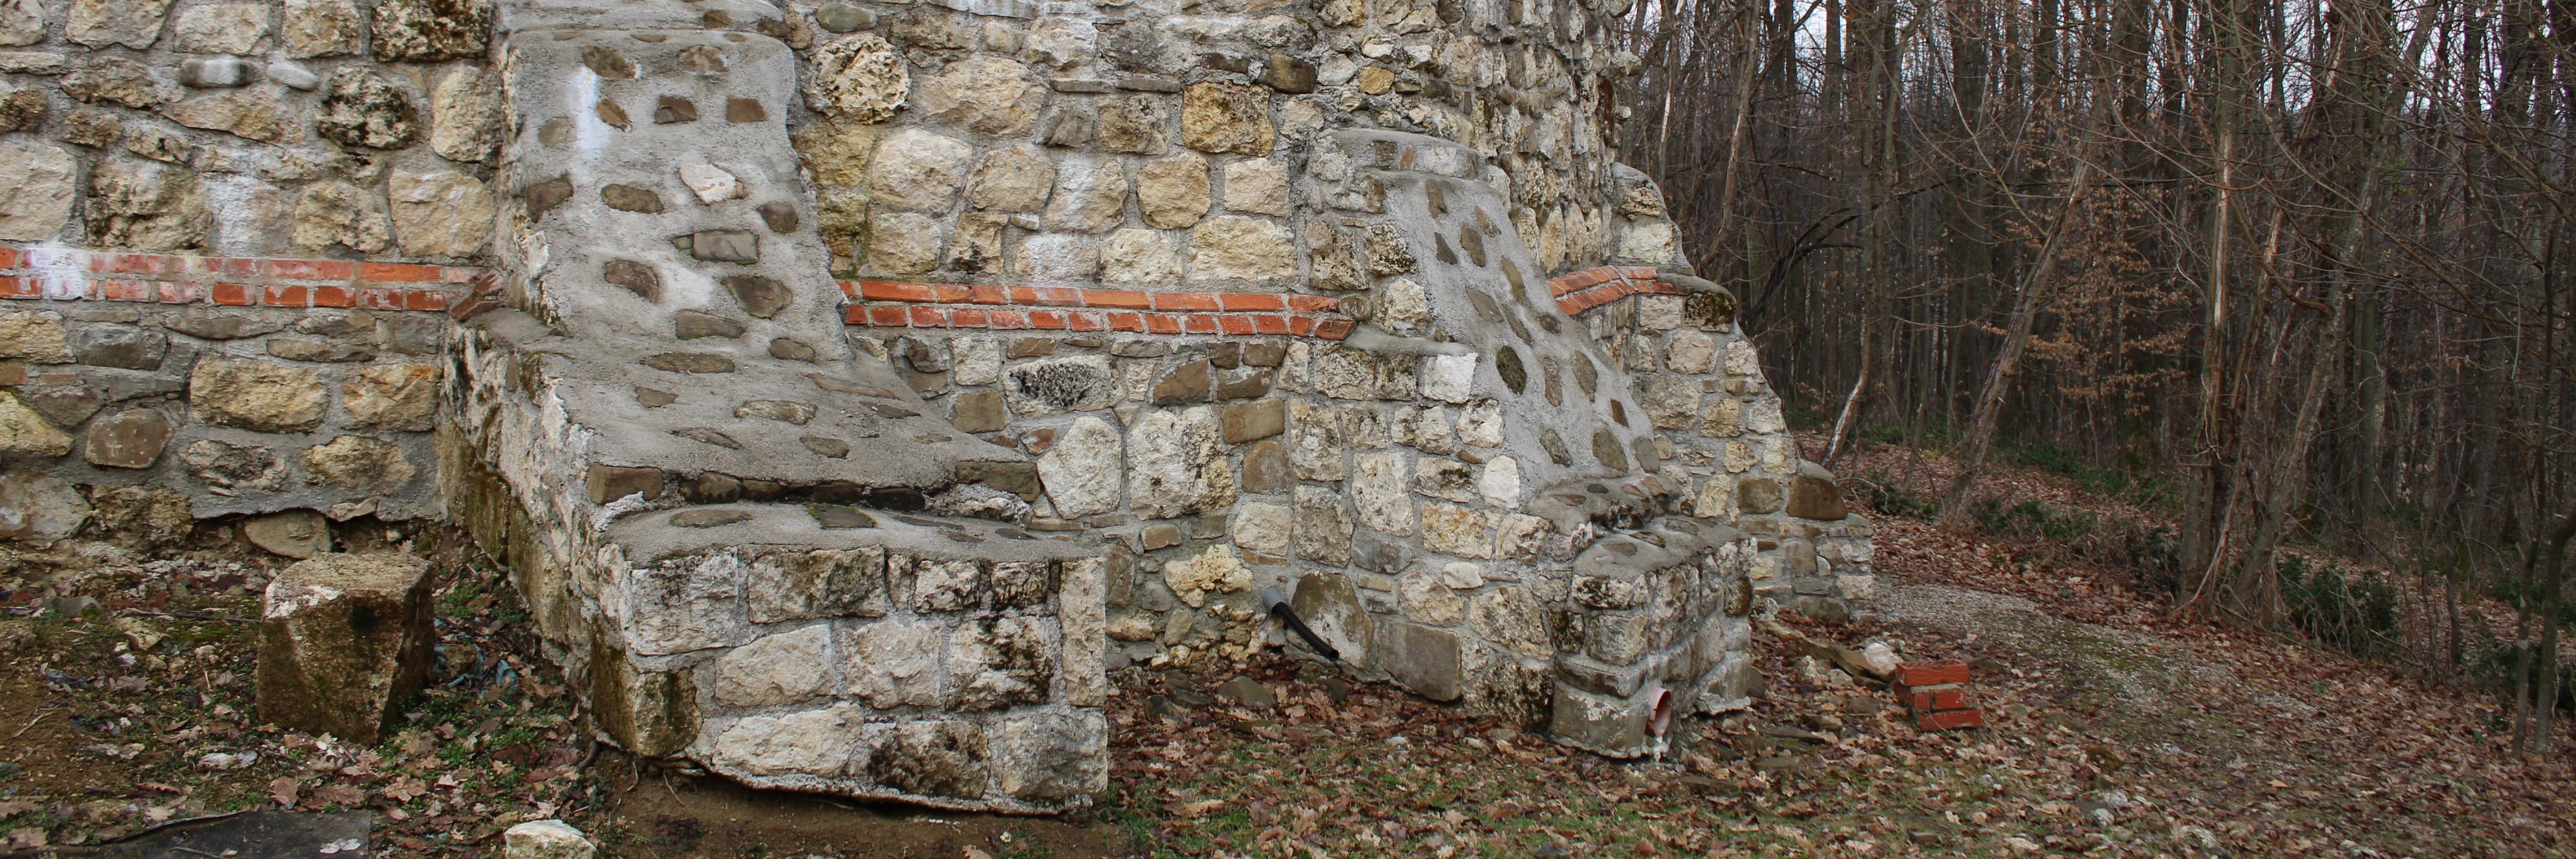 Остатки средневековой церкви в Скакаве